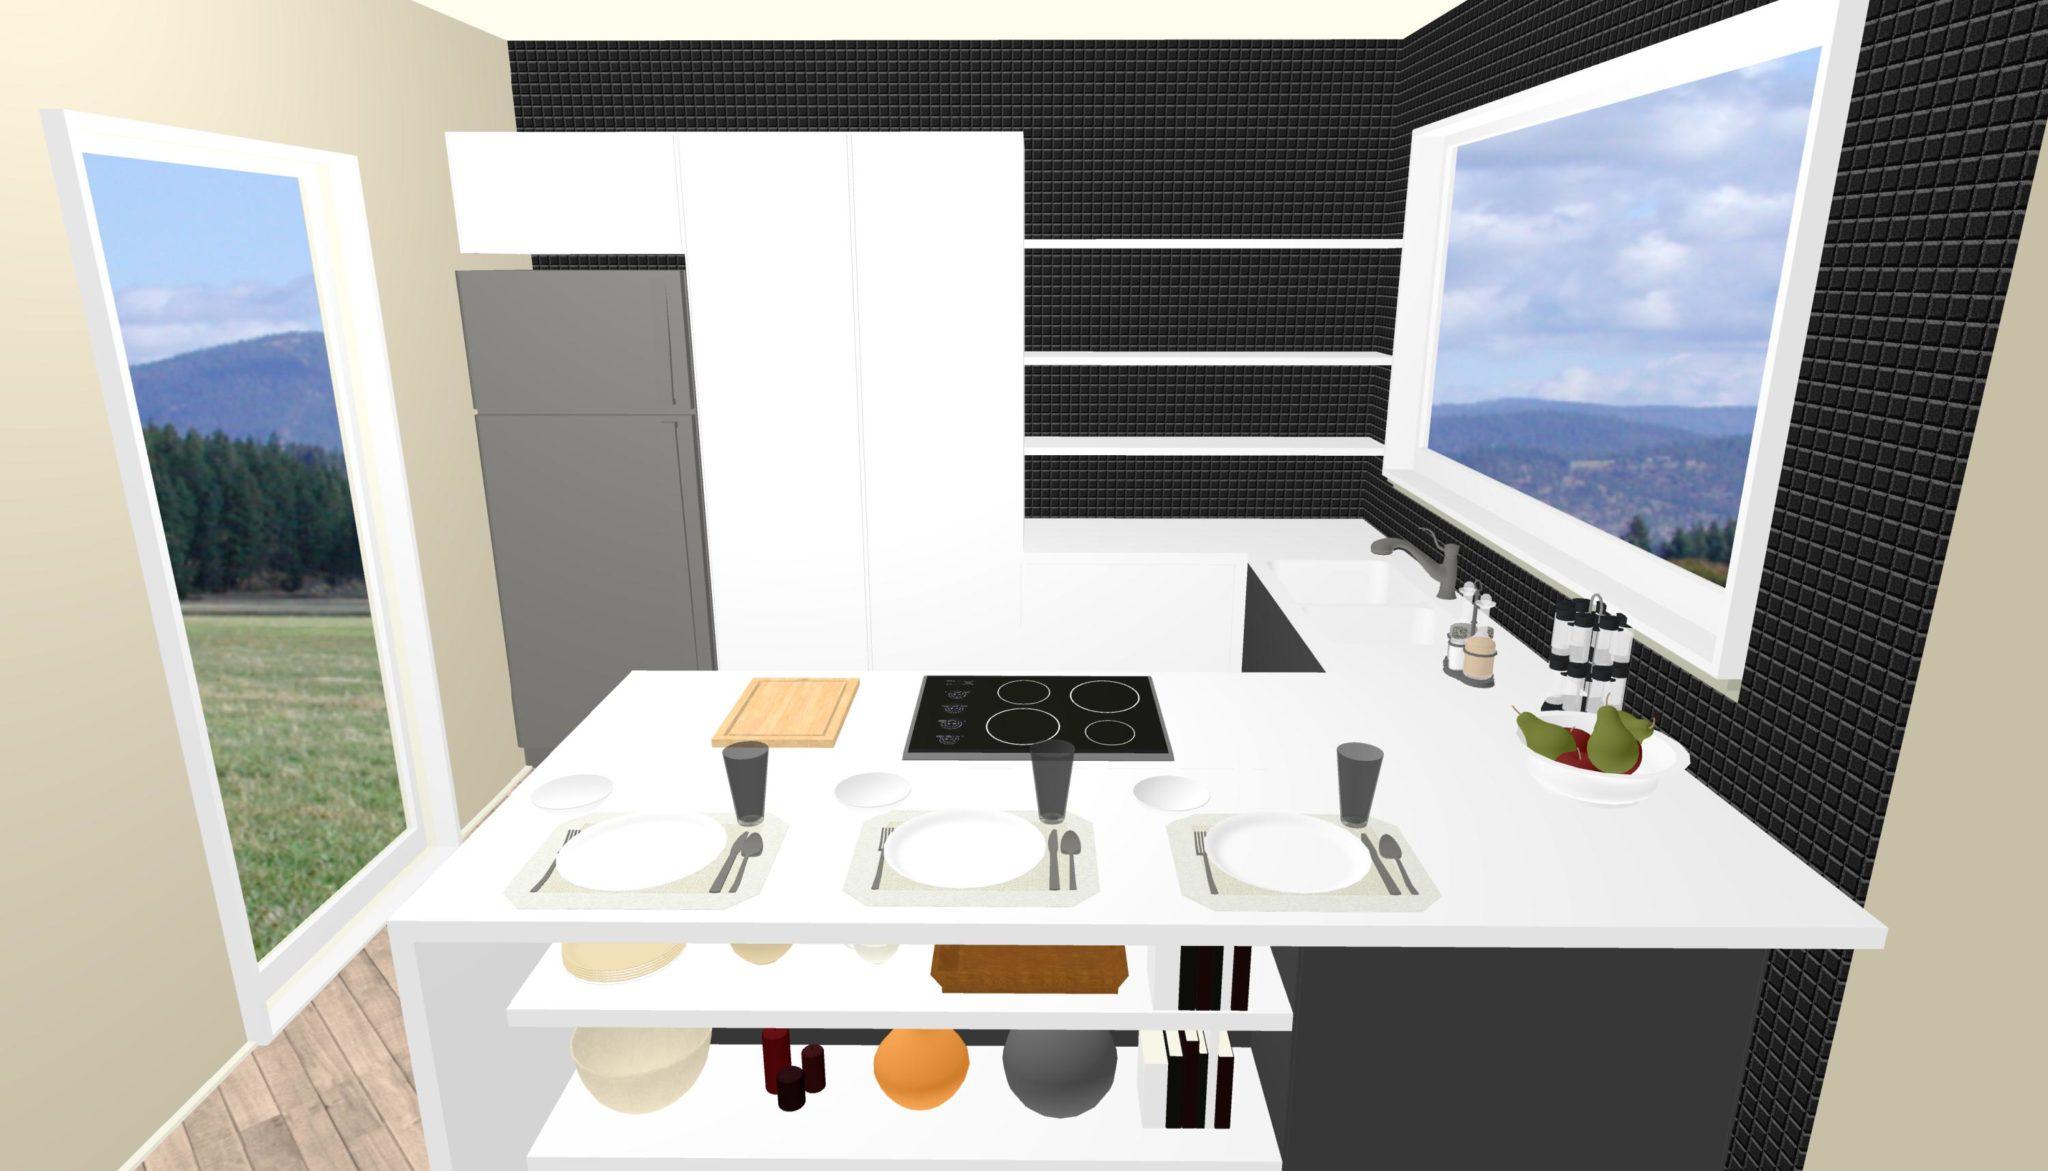 Cucina archivi lineatre arredamenti alberobello - Cucina senza maniglie ...